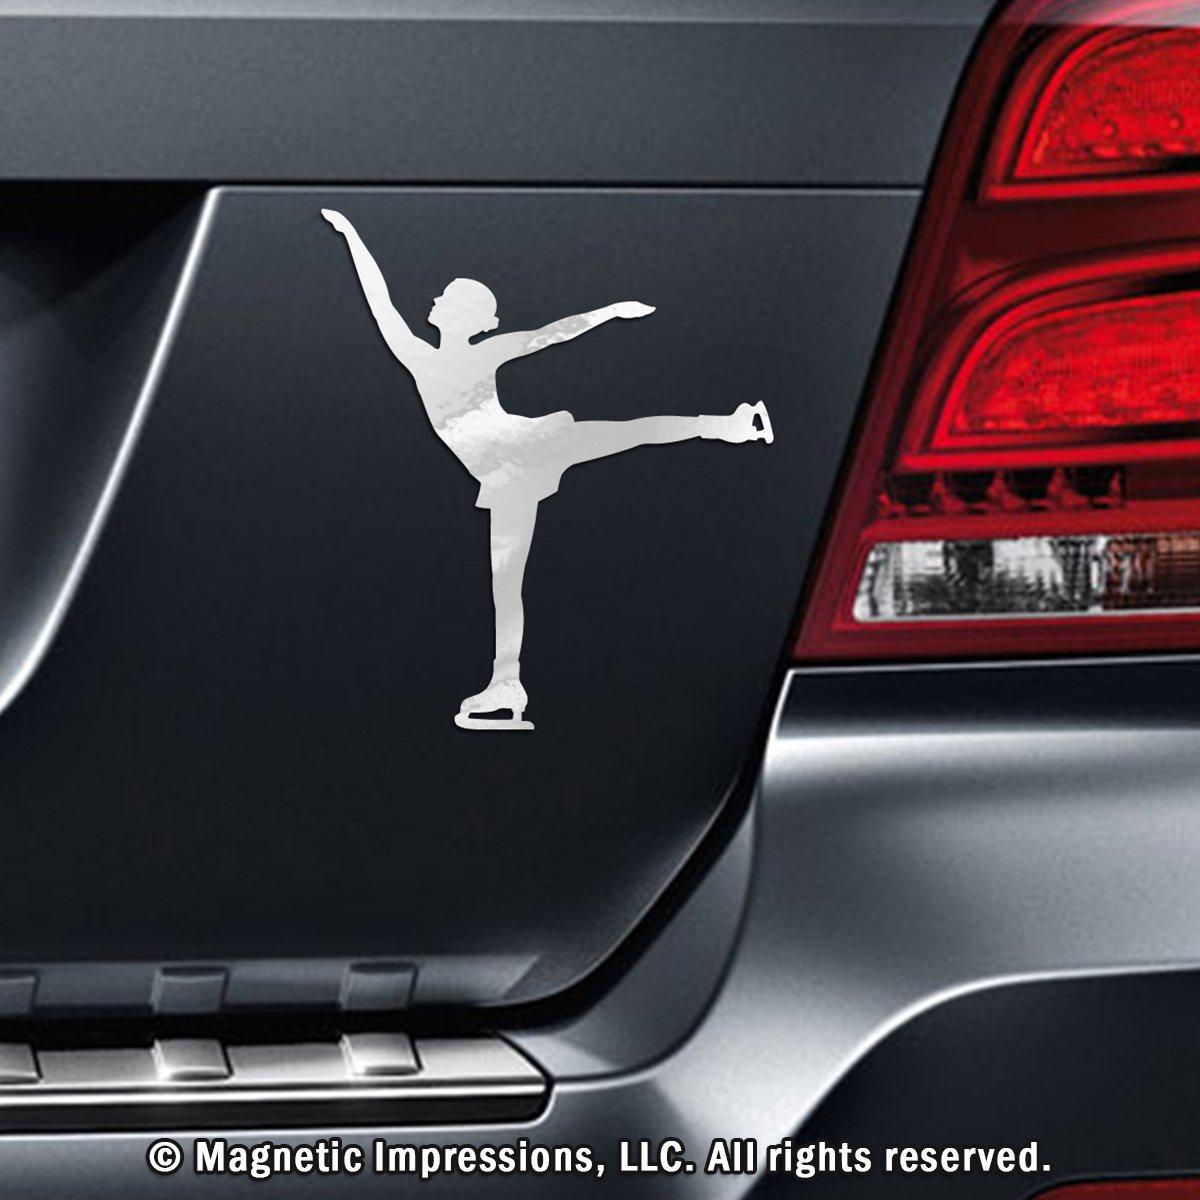 Amazoncom Figure Skater Spiral Car Magnet Black Automotive - Magnetic car decals